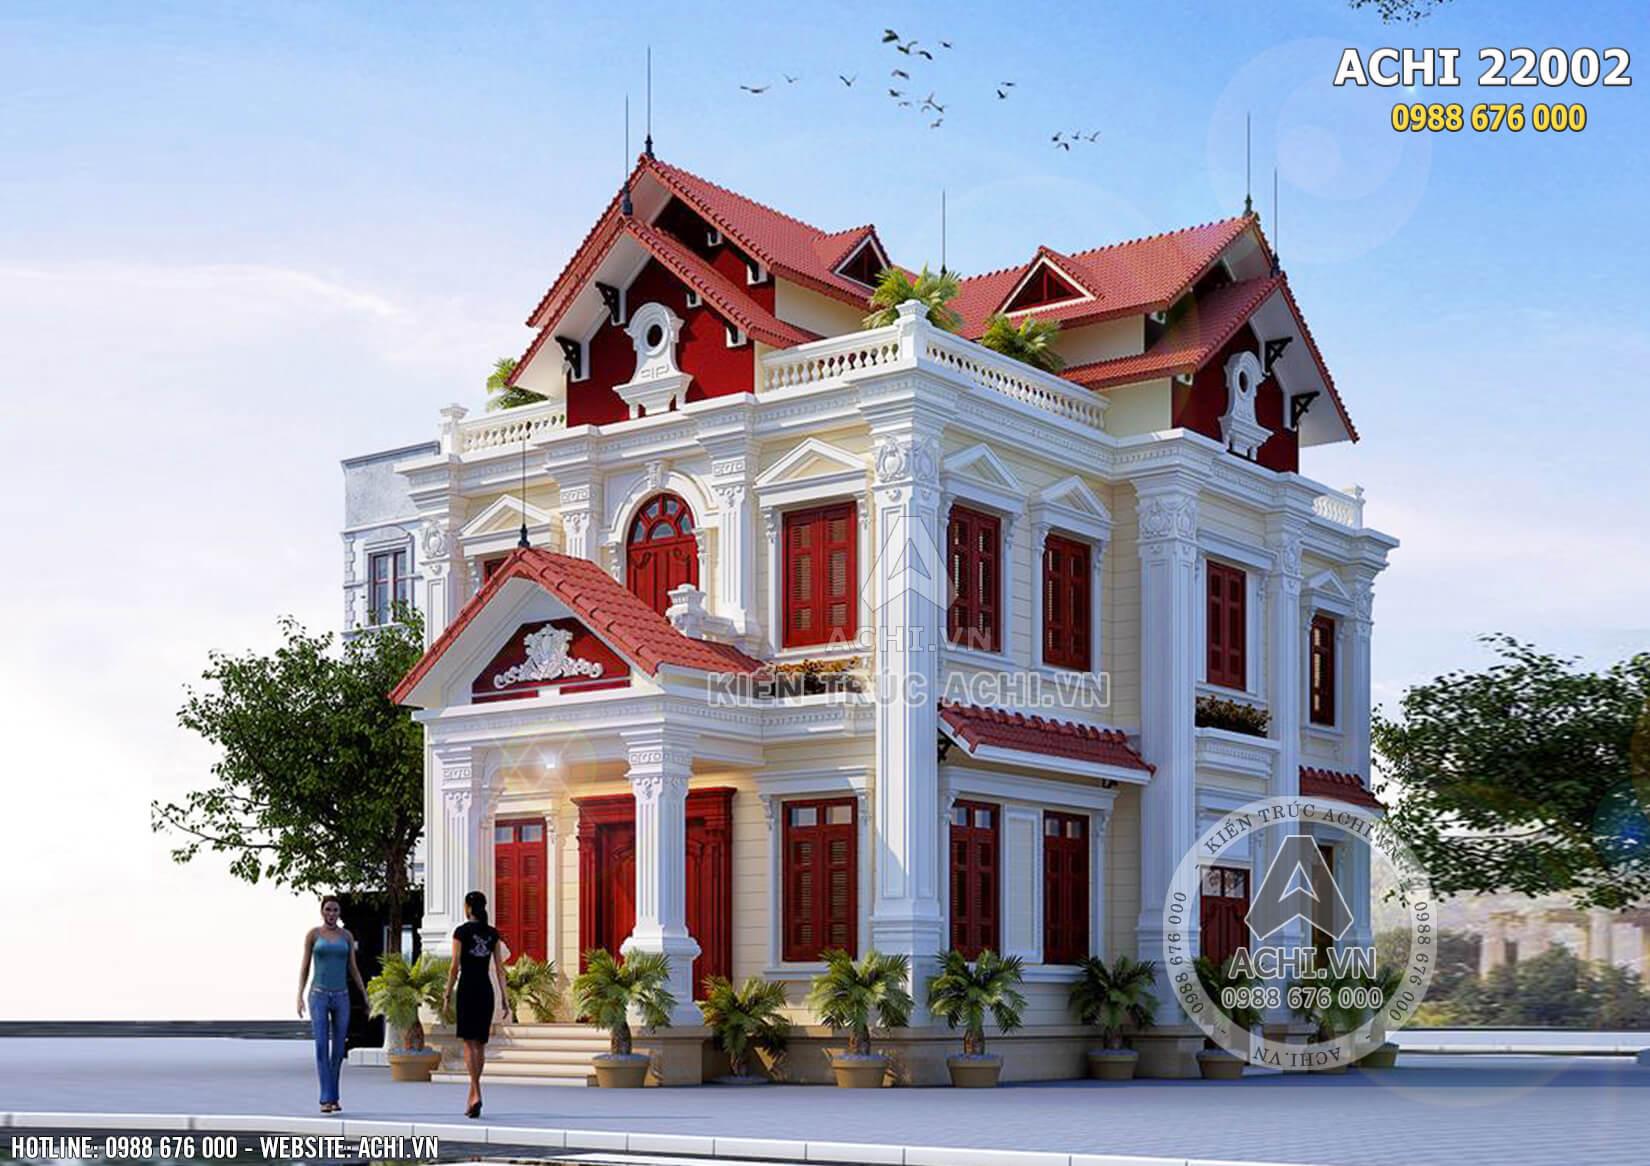 Kiến trúc Pháp đẹp trong mẫu biệt thự 2 tầng